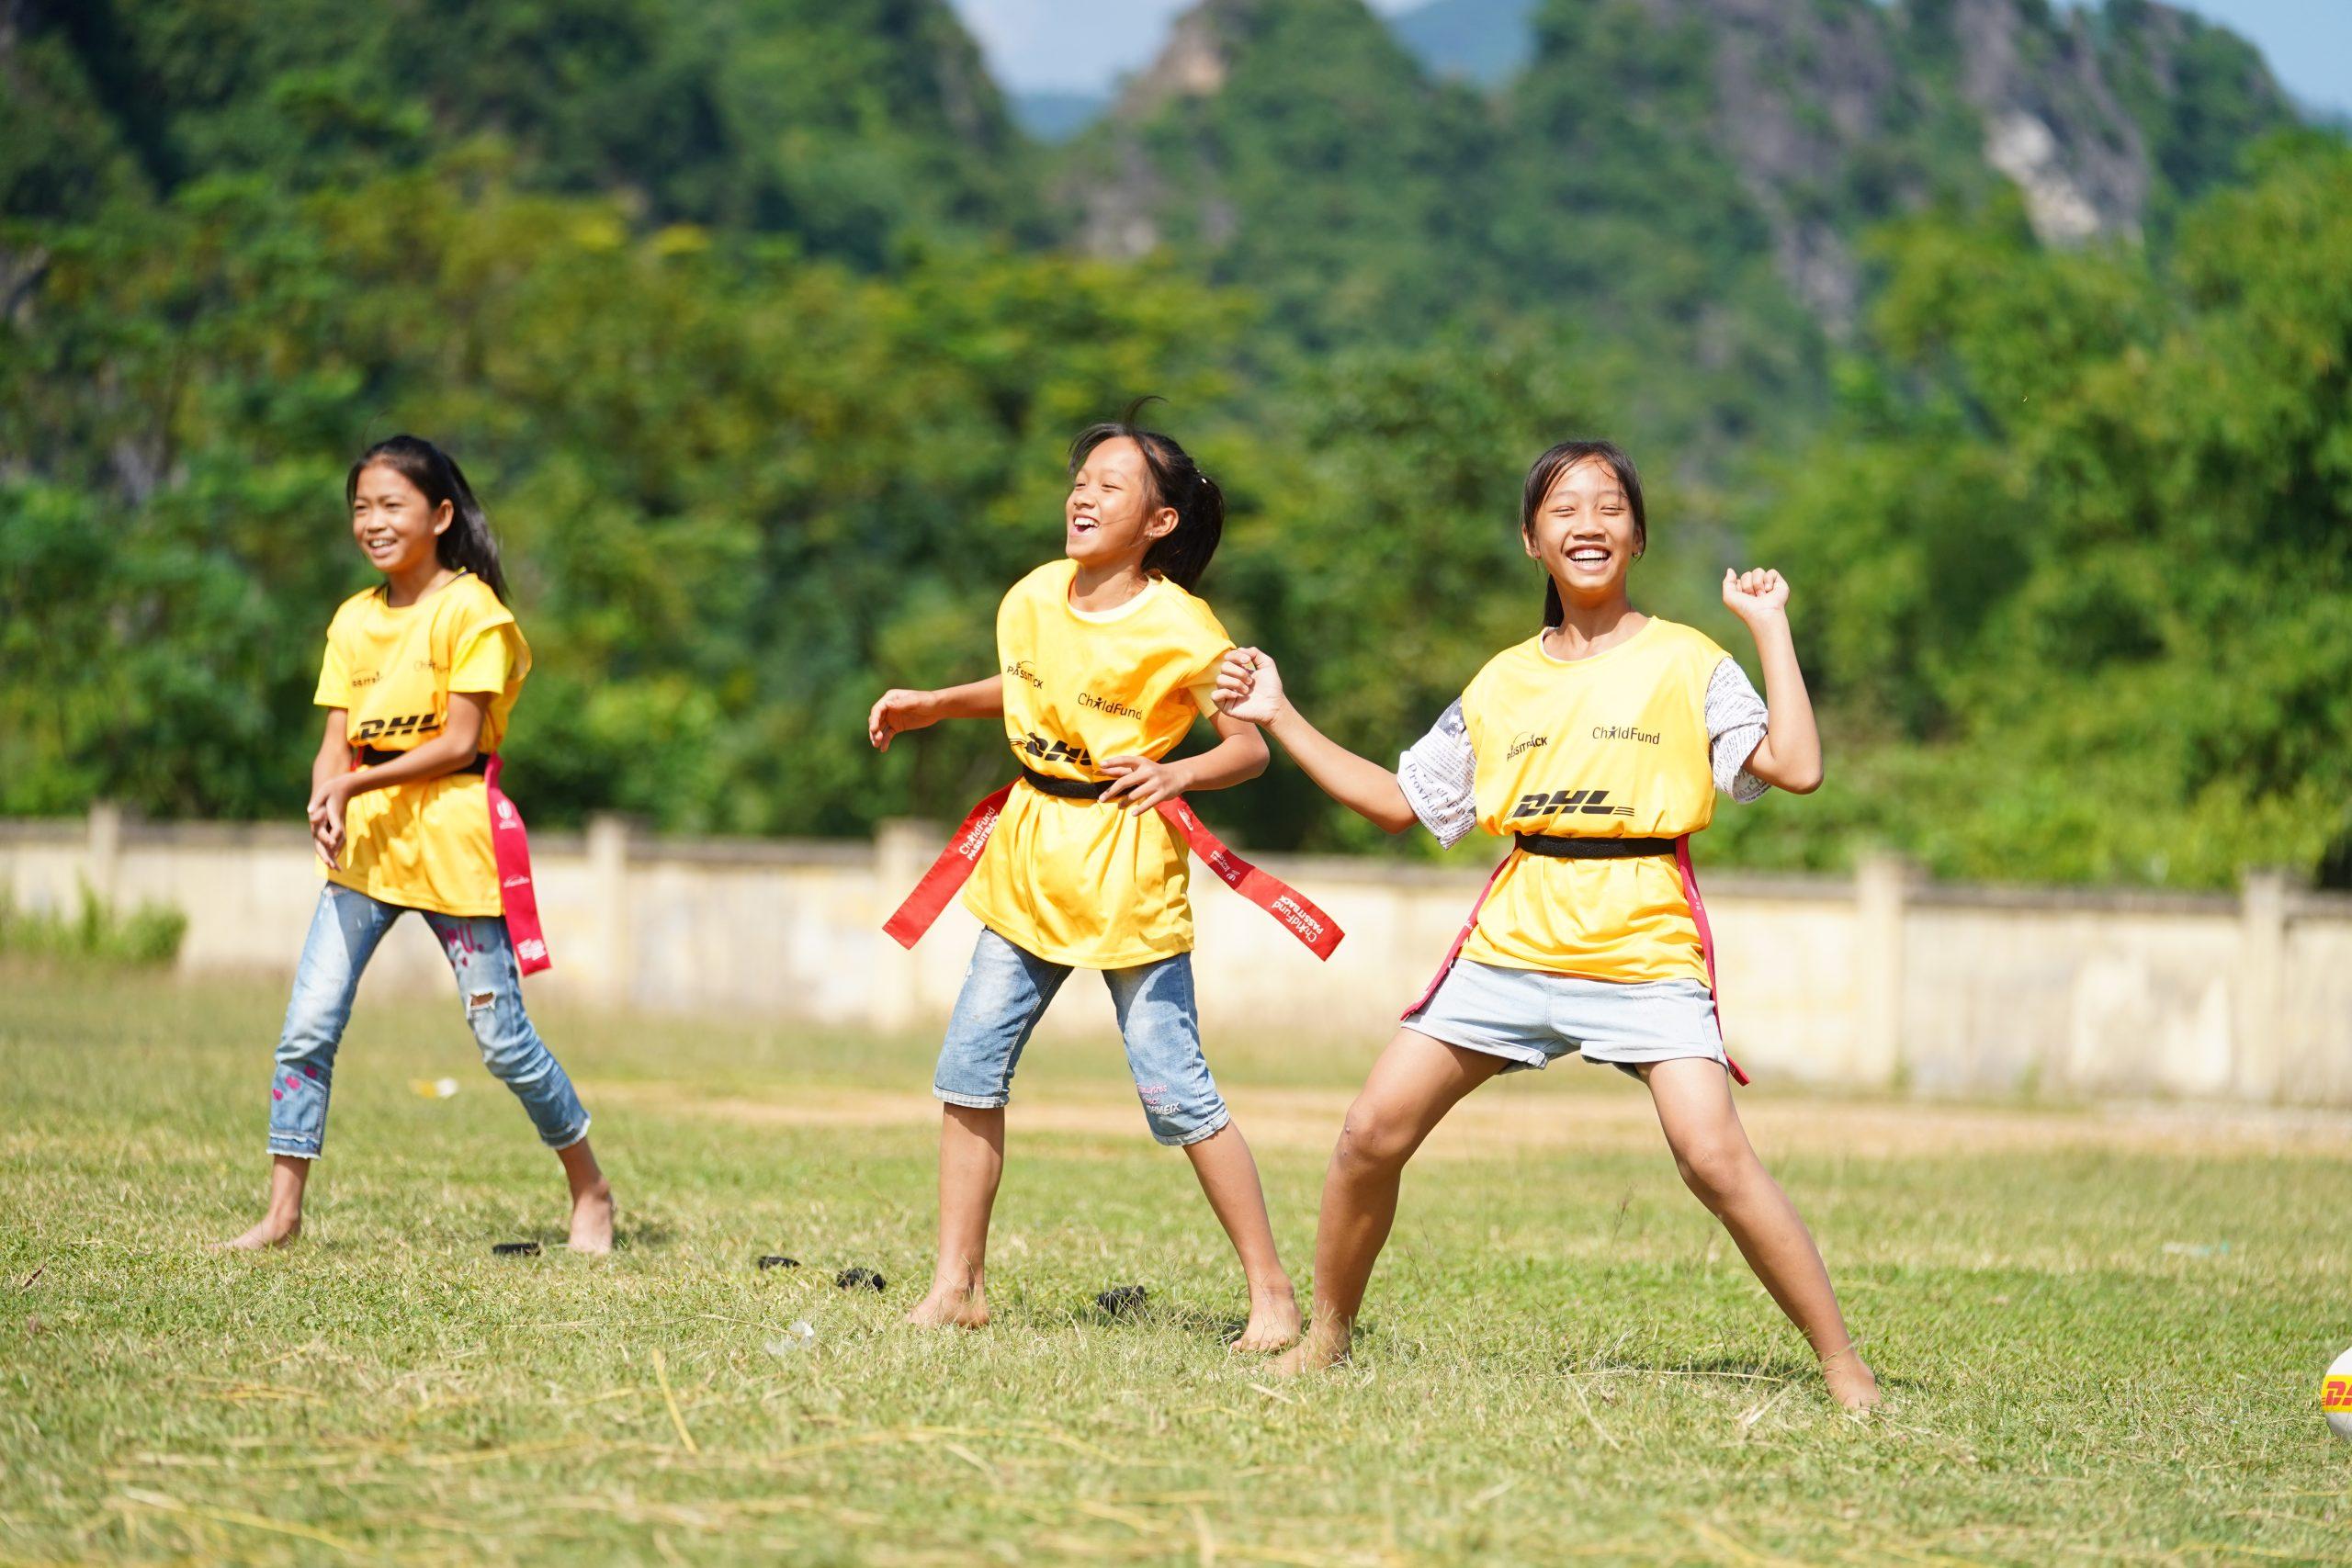 ChildFund Rugby